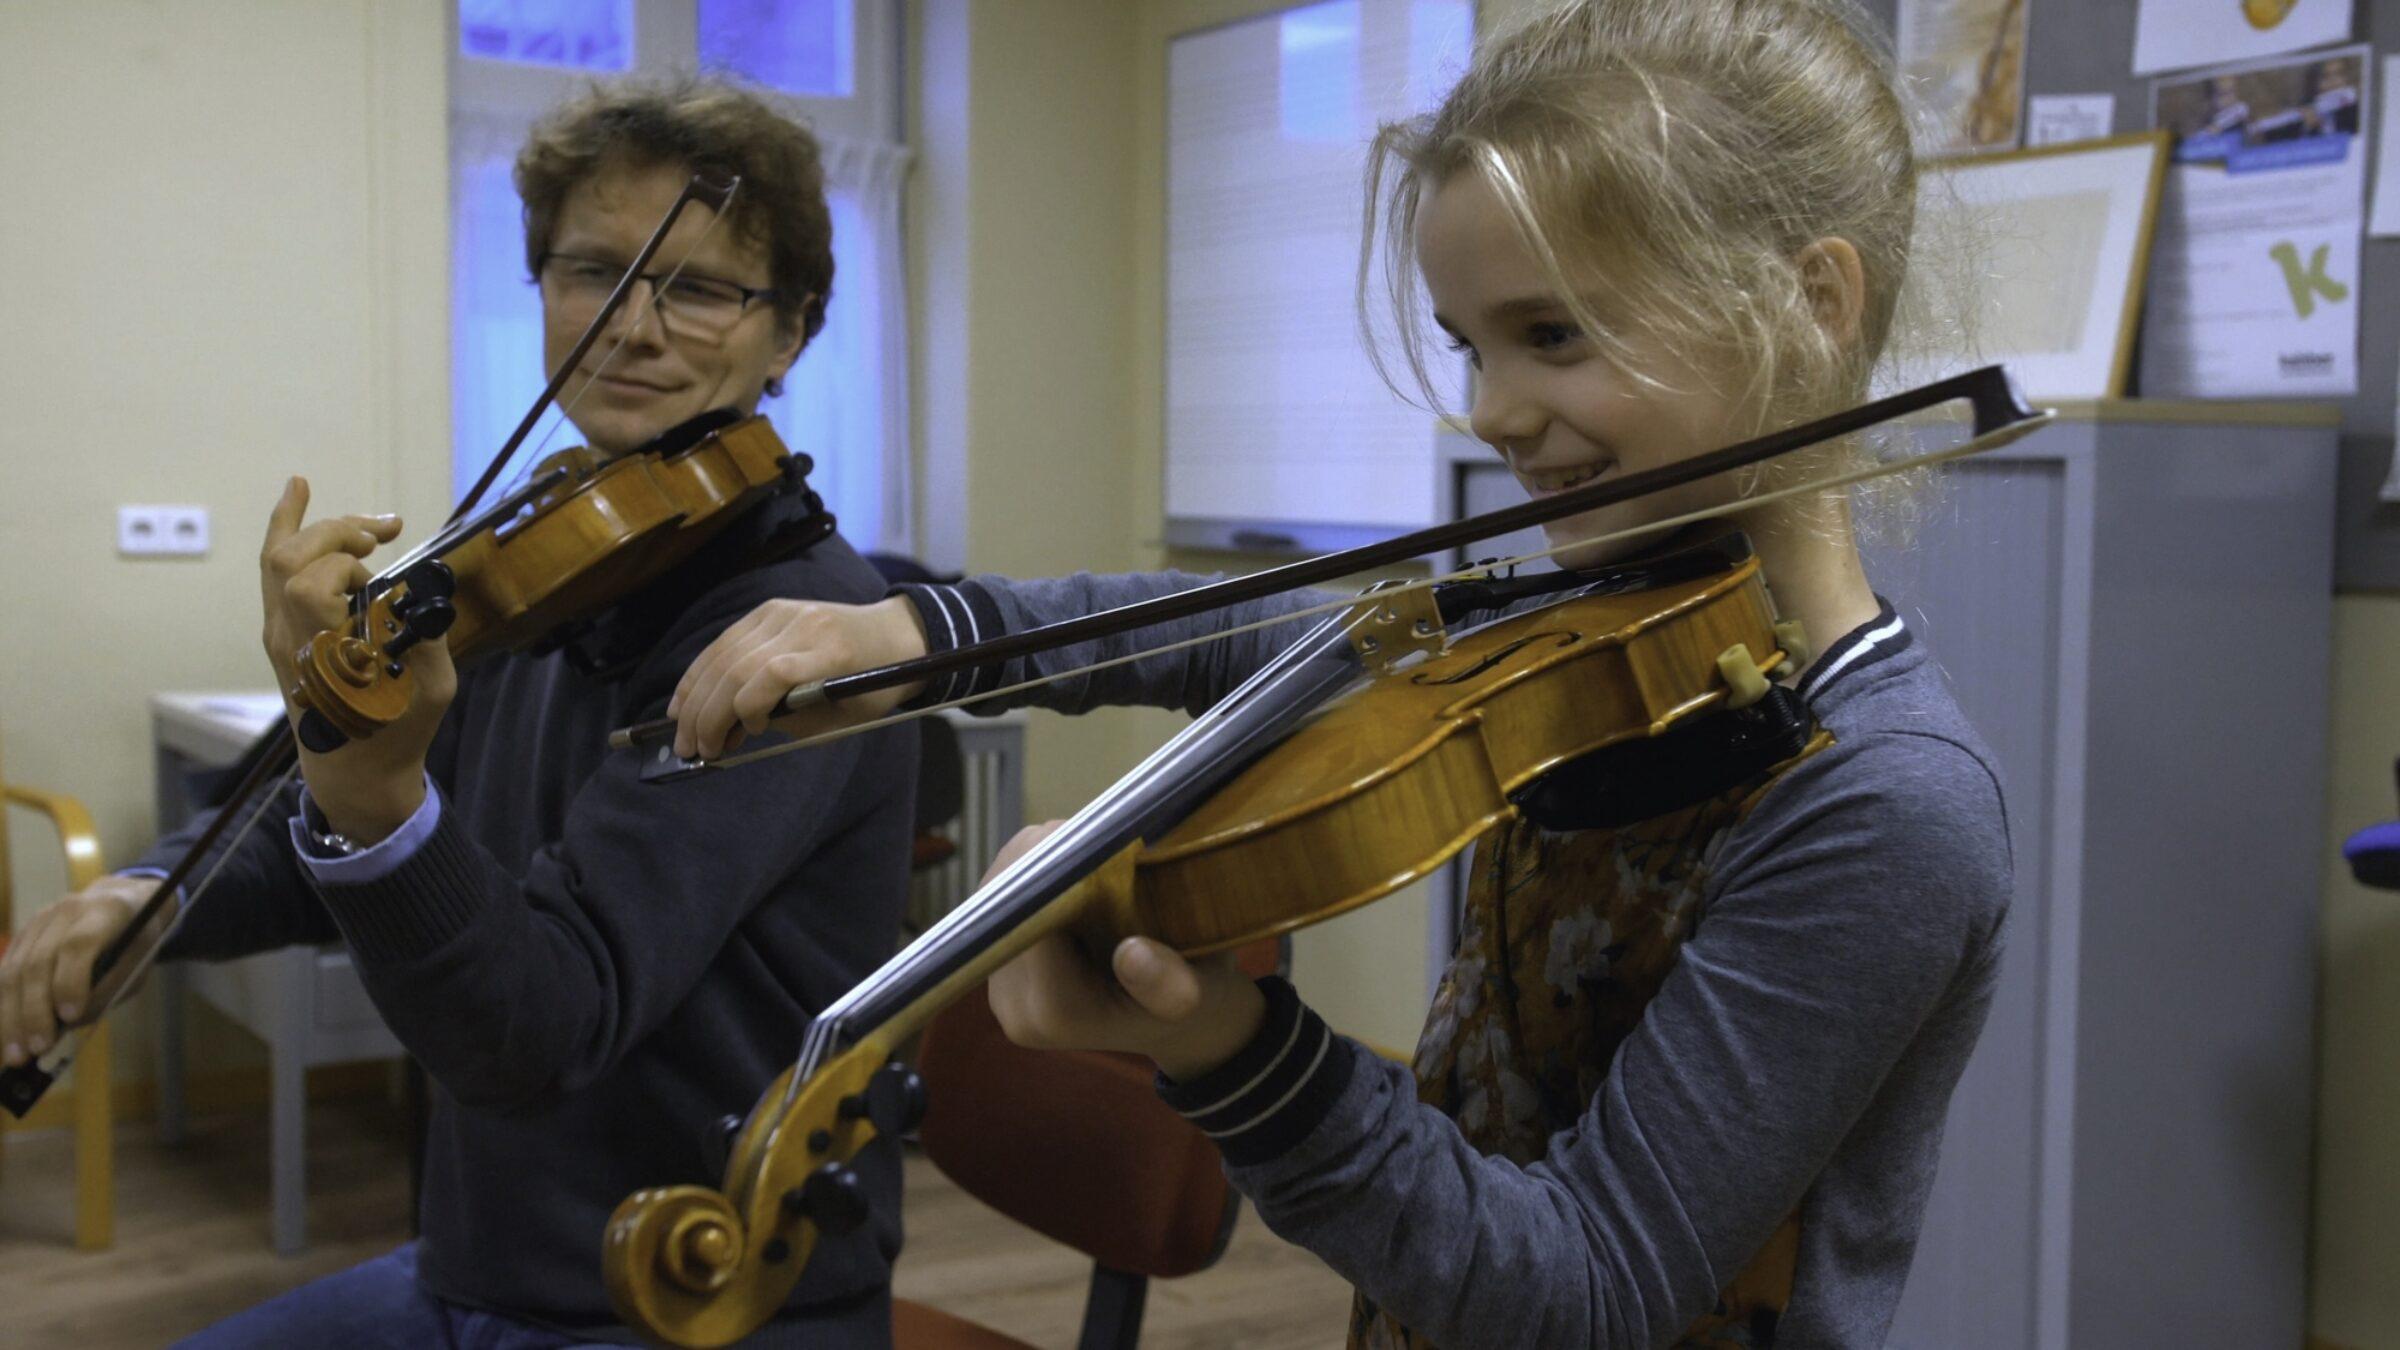 Kaliber viool Enschede